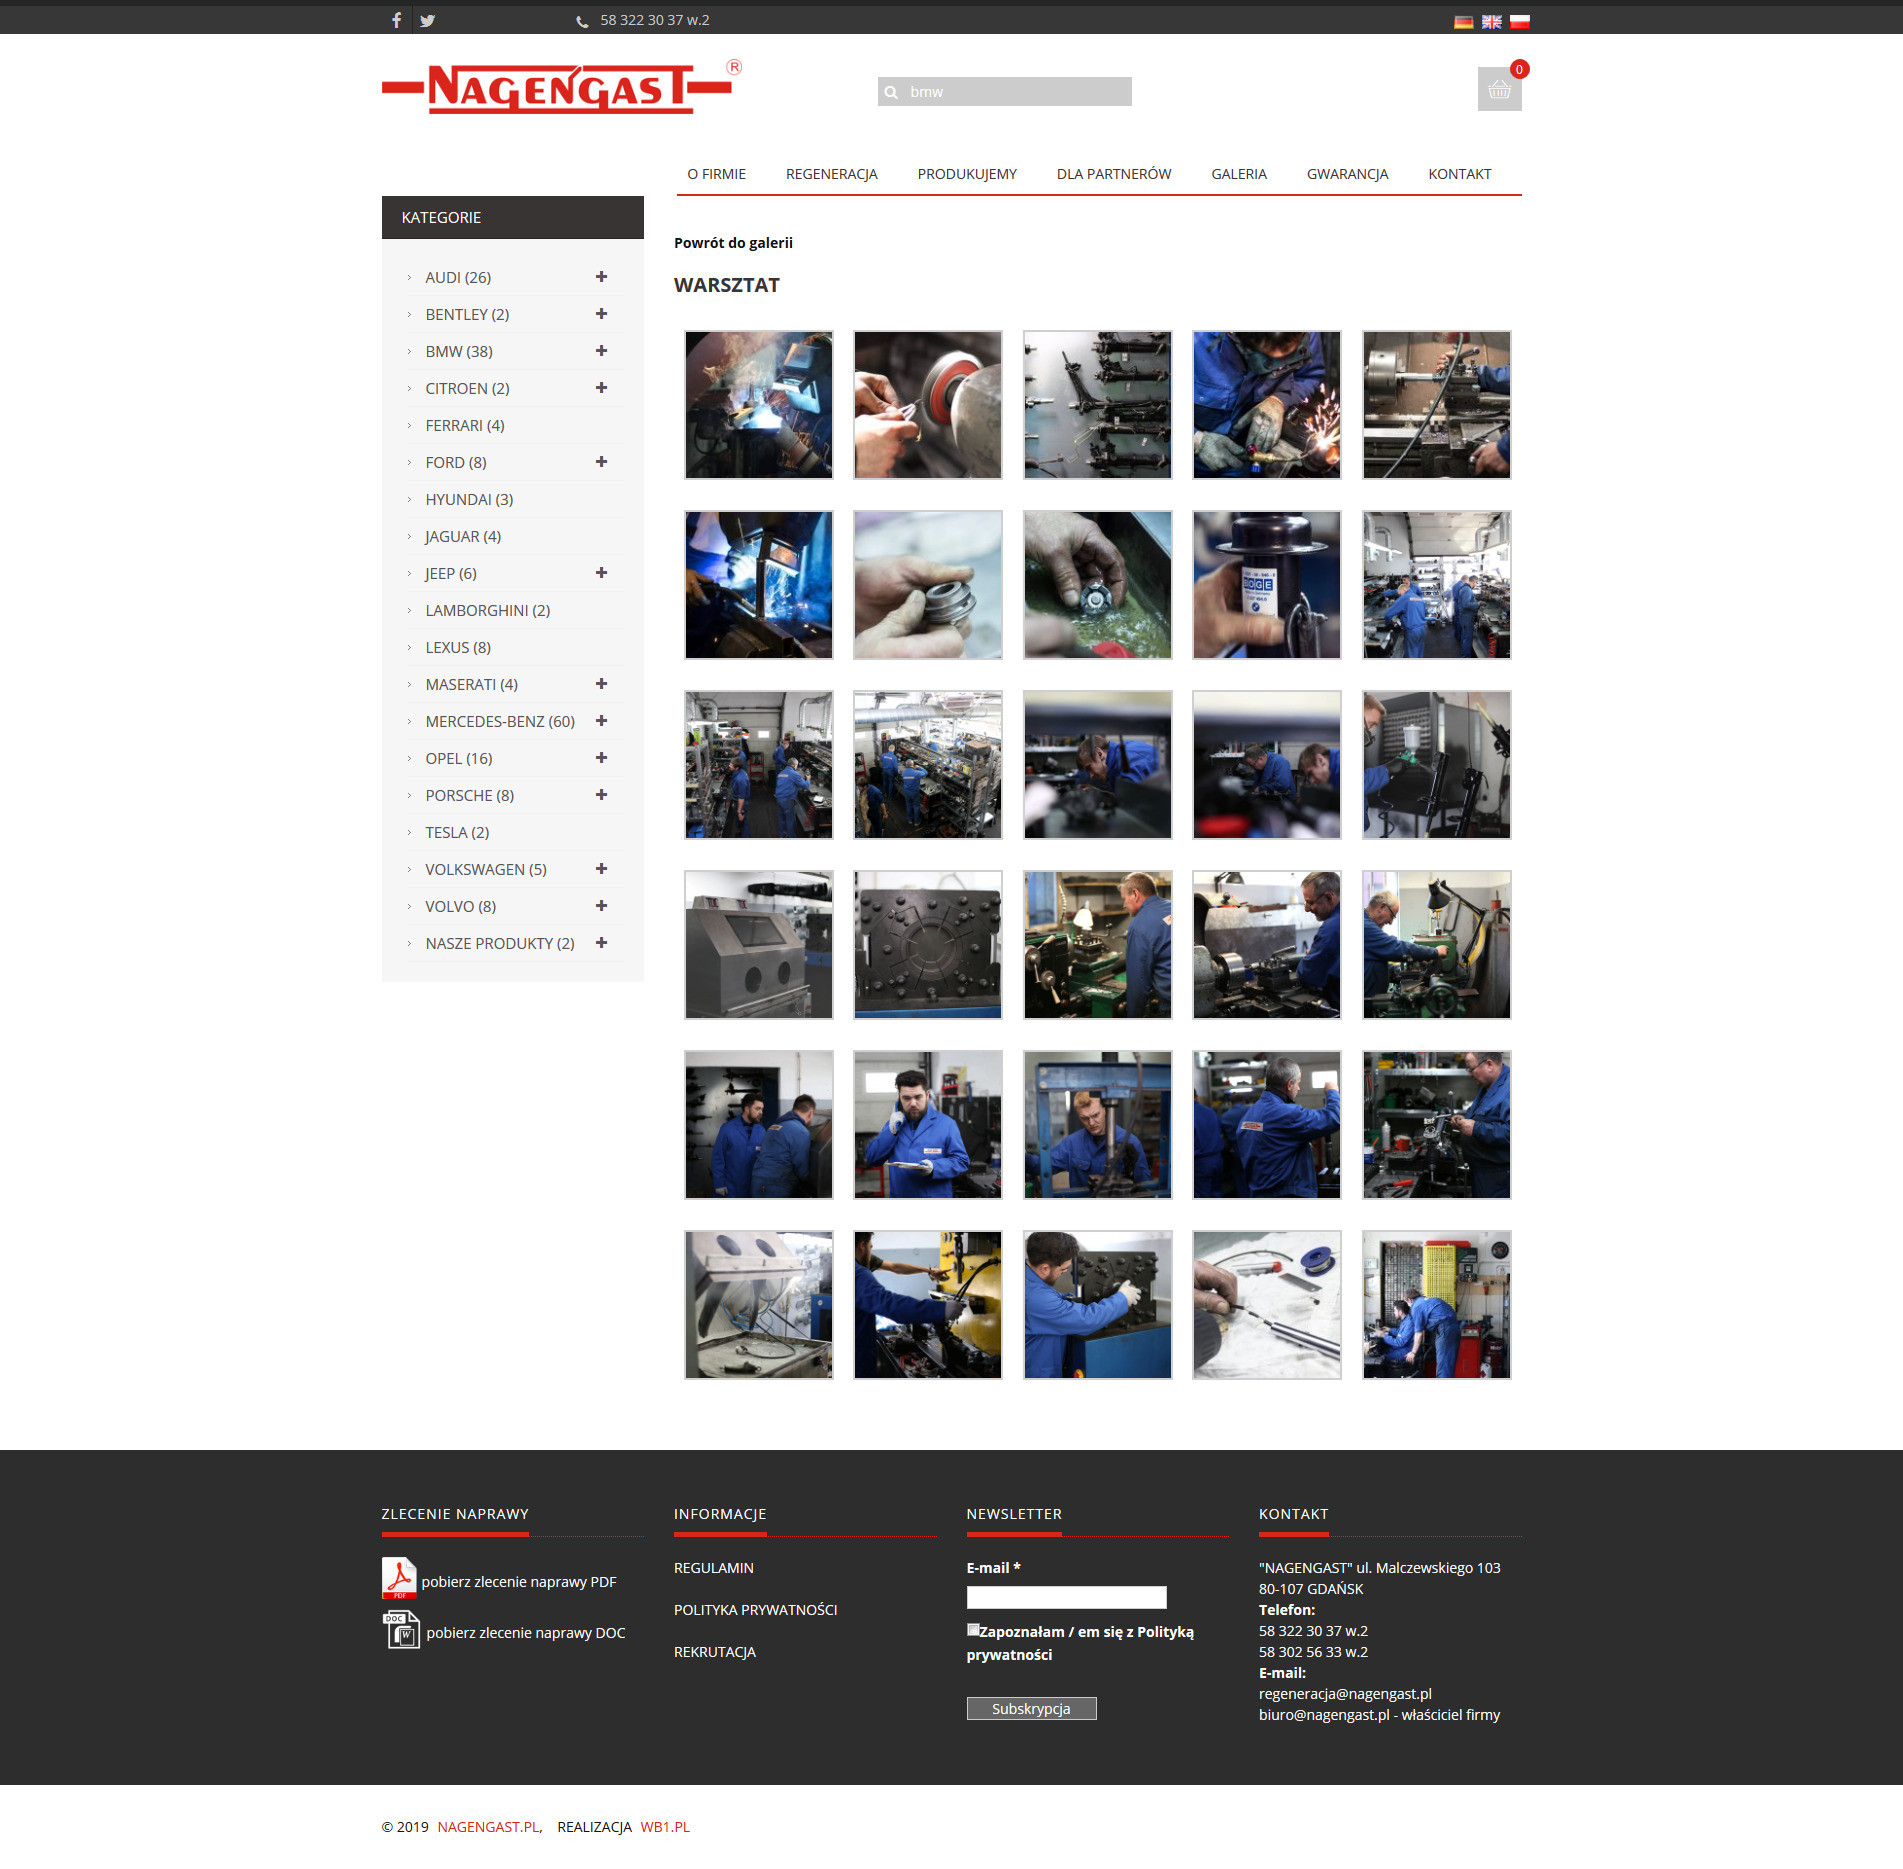 nagengast galeria zdjęć na stronie